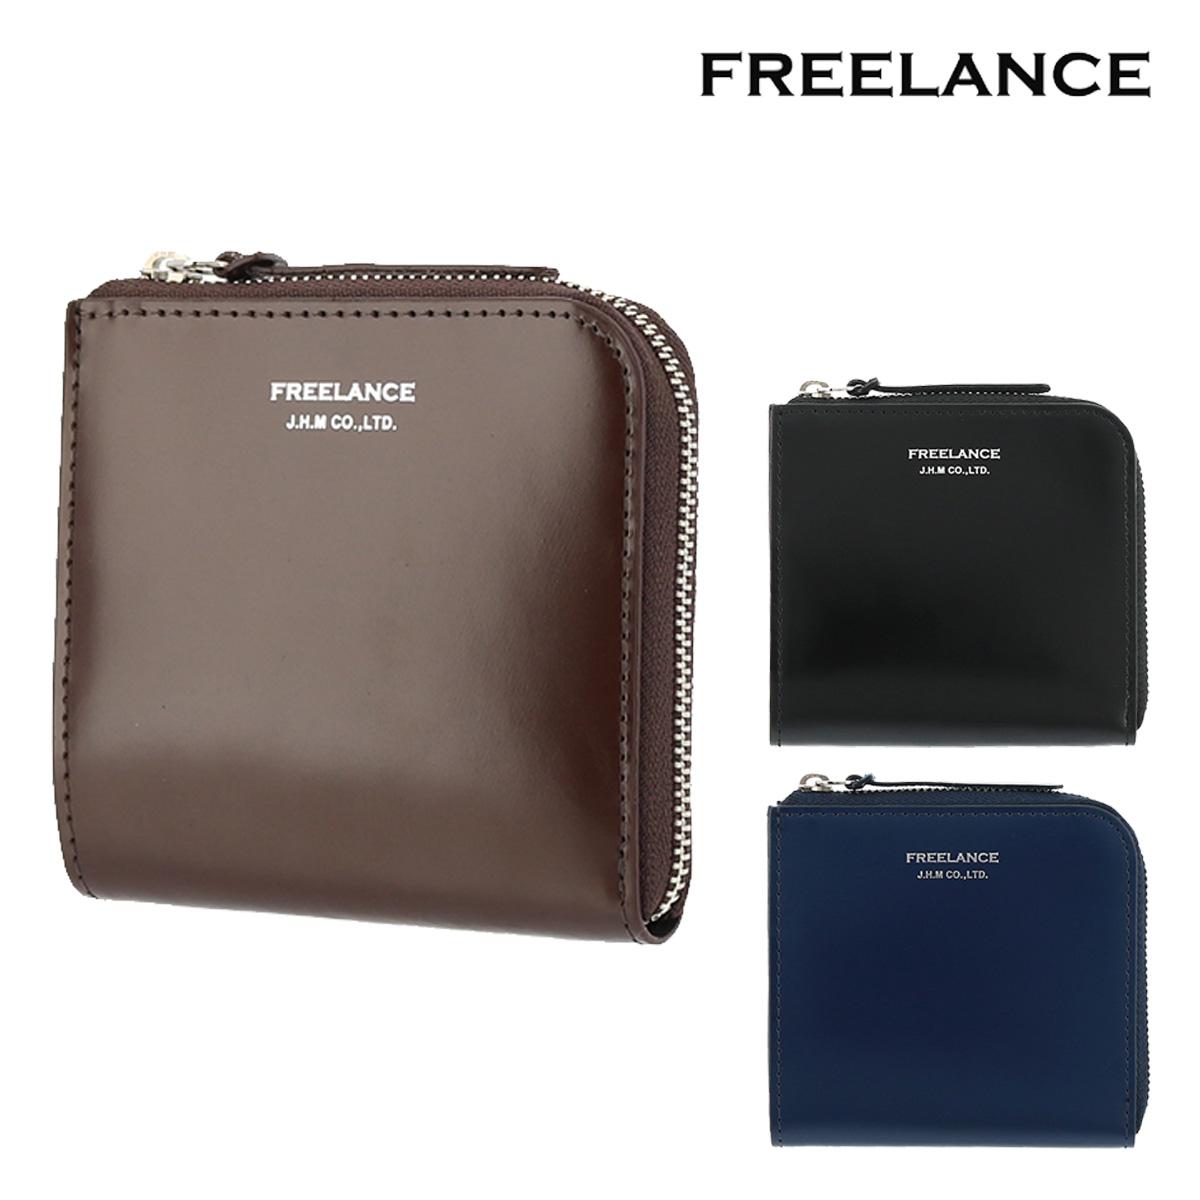 フリーランス 二つ折り財布 メンズ   FL-097 FREELANCE   本革 レザー[PO5][bef][即日発送]